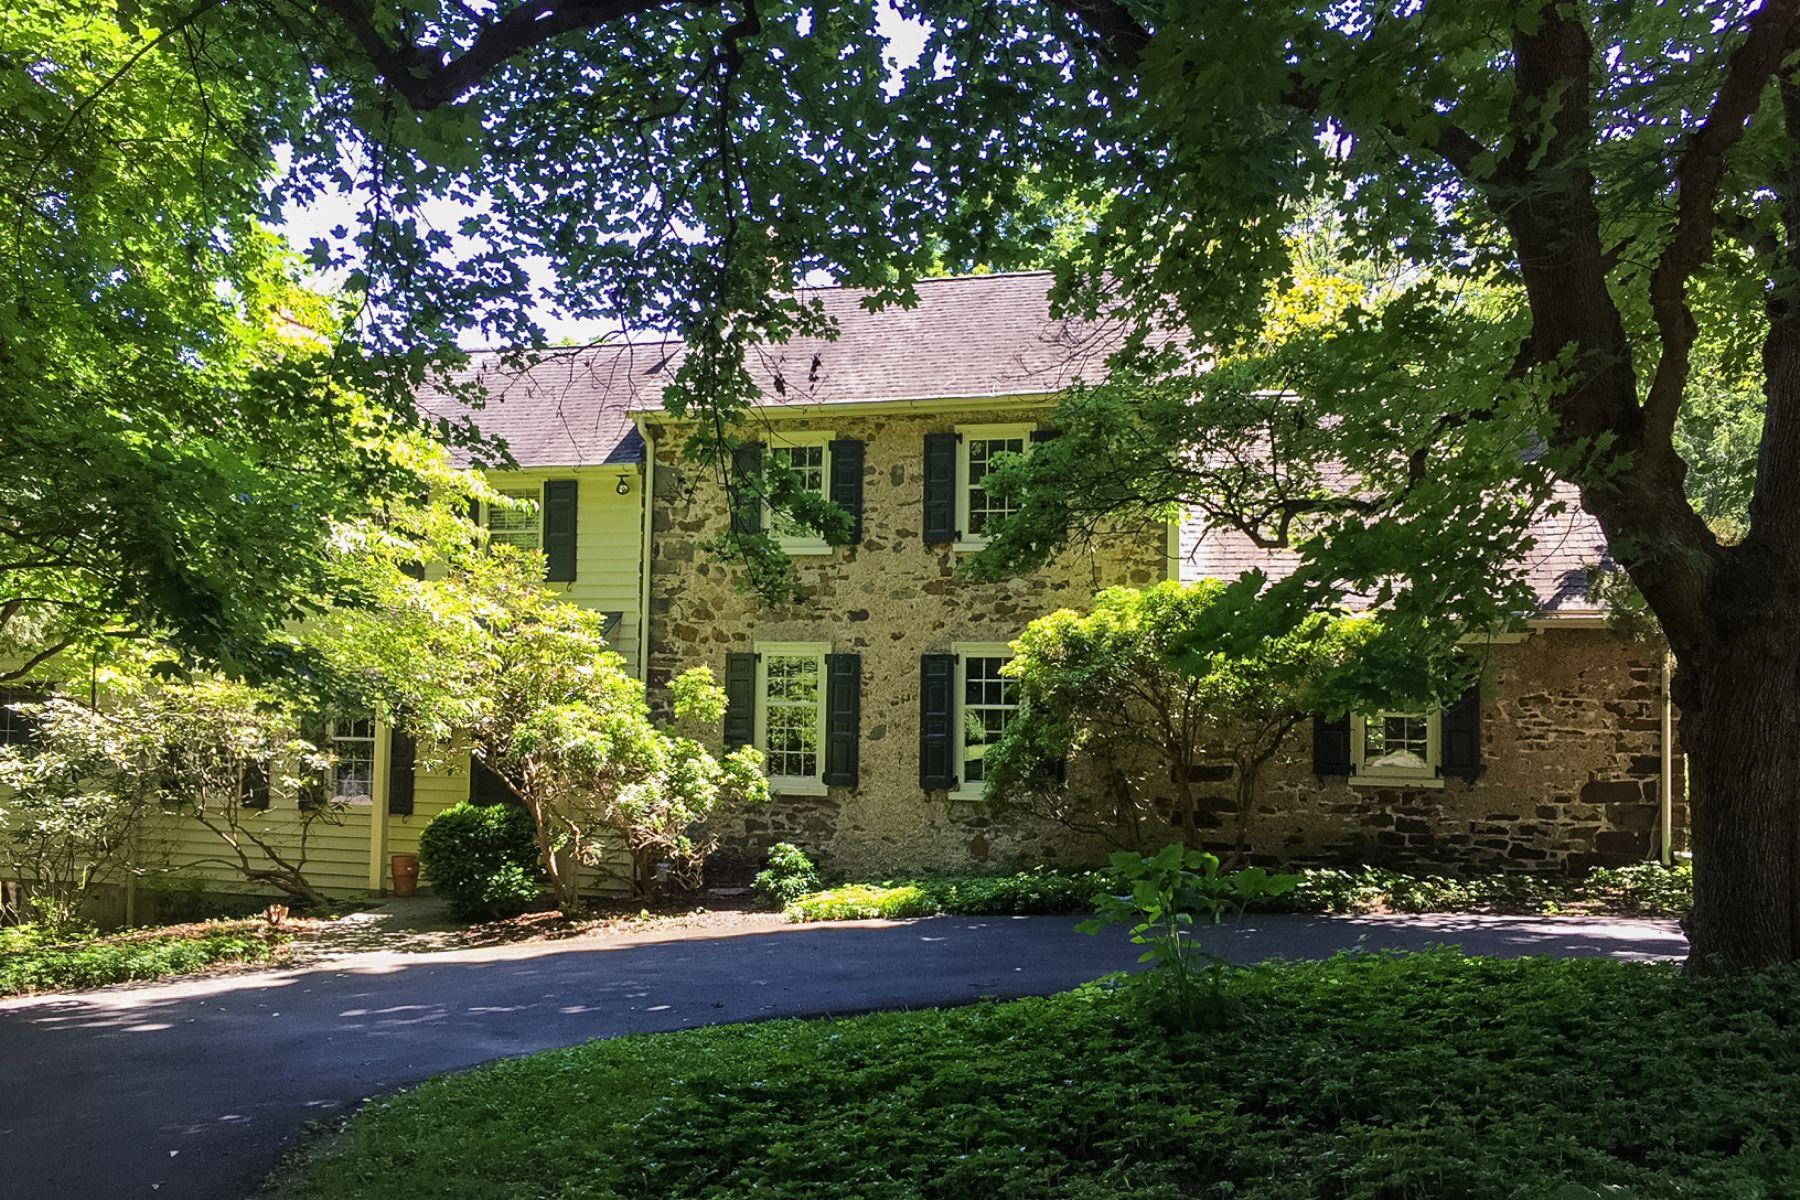 独户住宅 为 出租 在 772 Worthington Mill Rd 纽镇, 宾夕法尼亚州 18940 美国